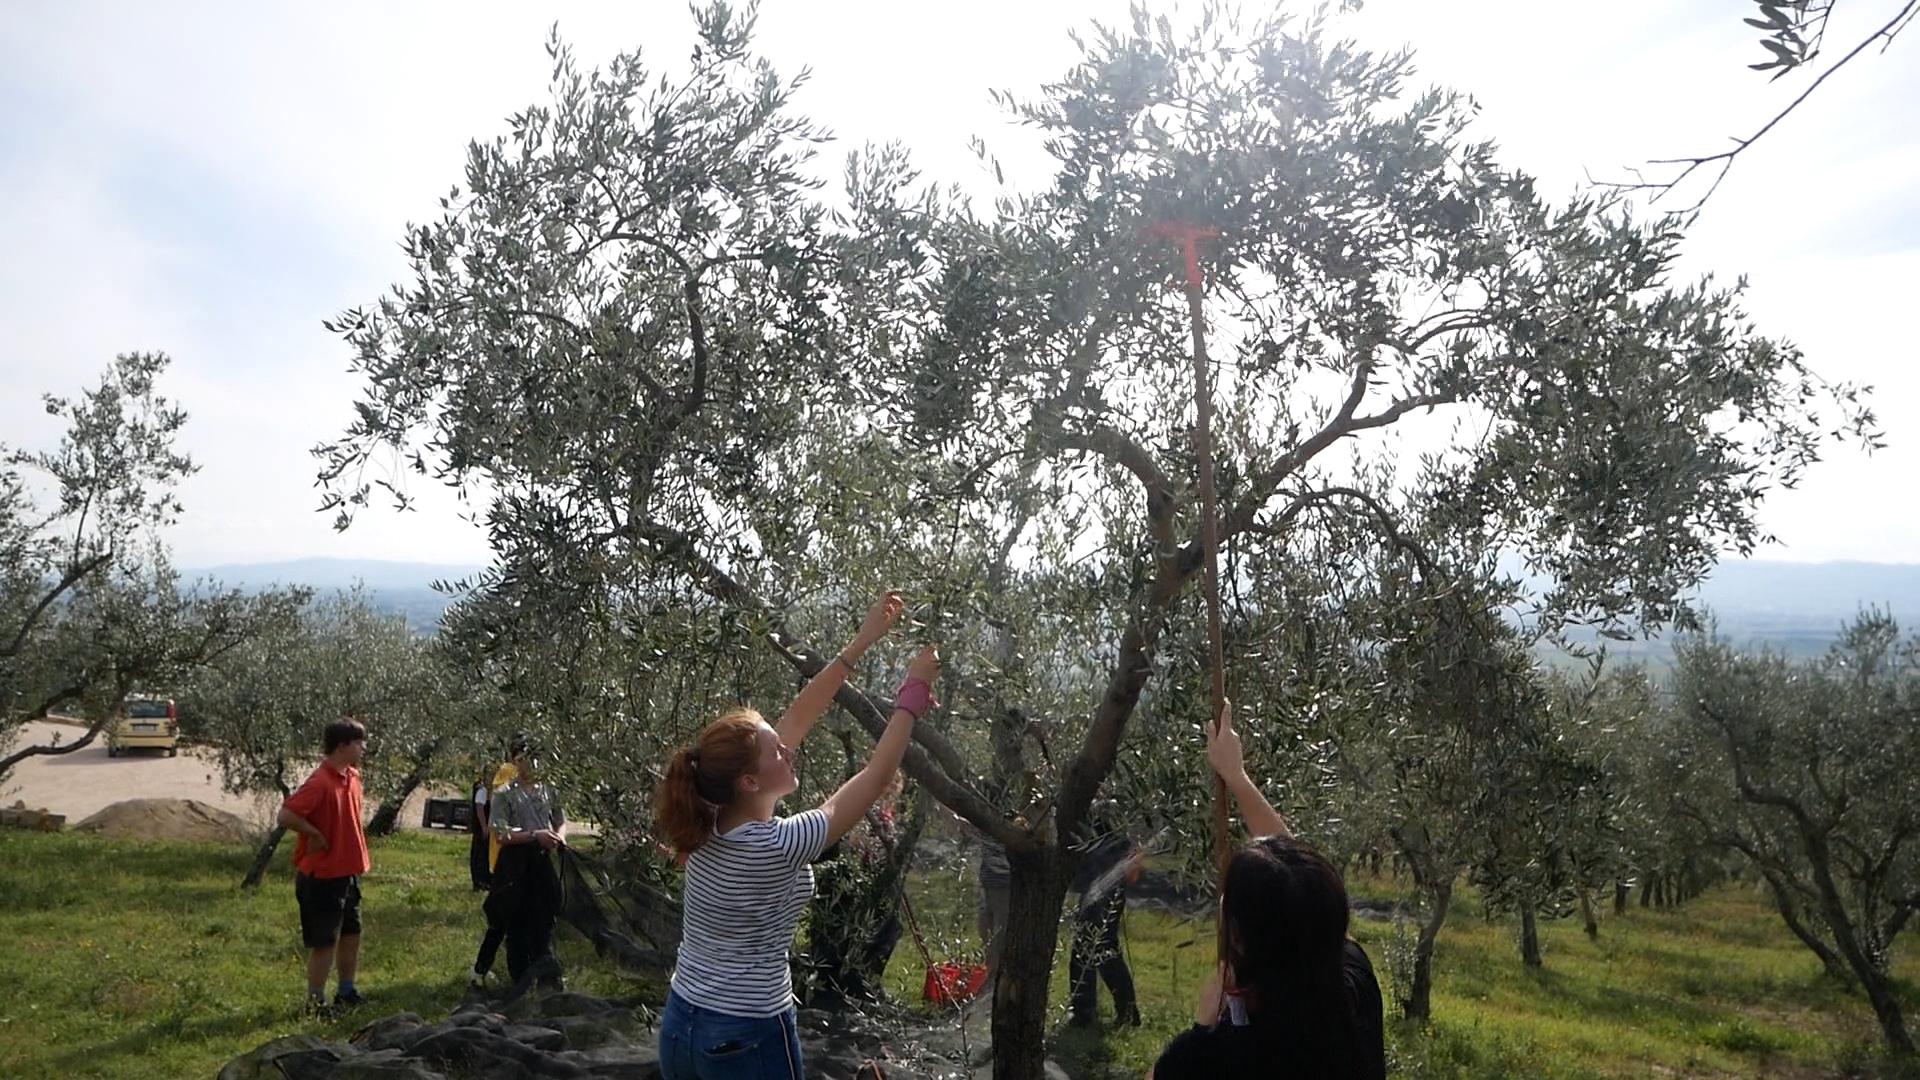 Esperienza sensoriale Assisi Tili Vini - Raccogliamo le olive insieme 11